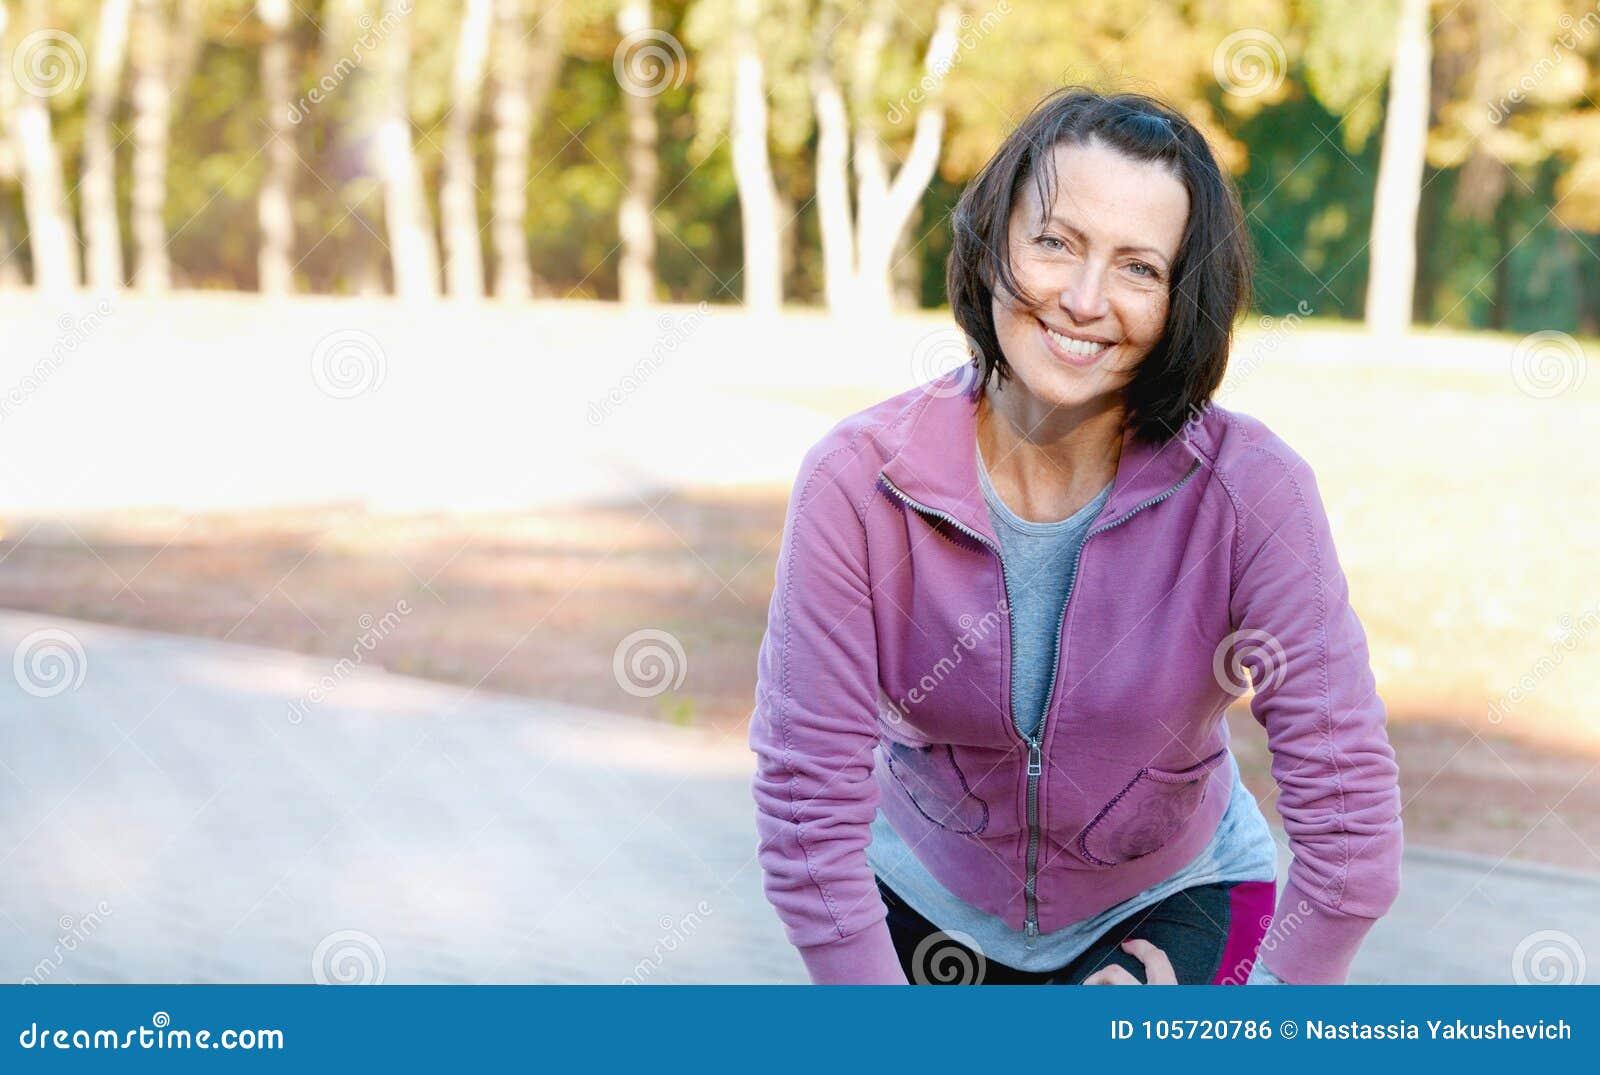 Ώριμος δρομέας γυναικών που παίρνει ένα υπόλοιπο μετά από να τρέξει στο πάρκο